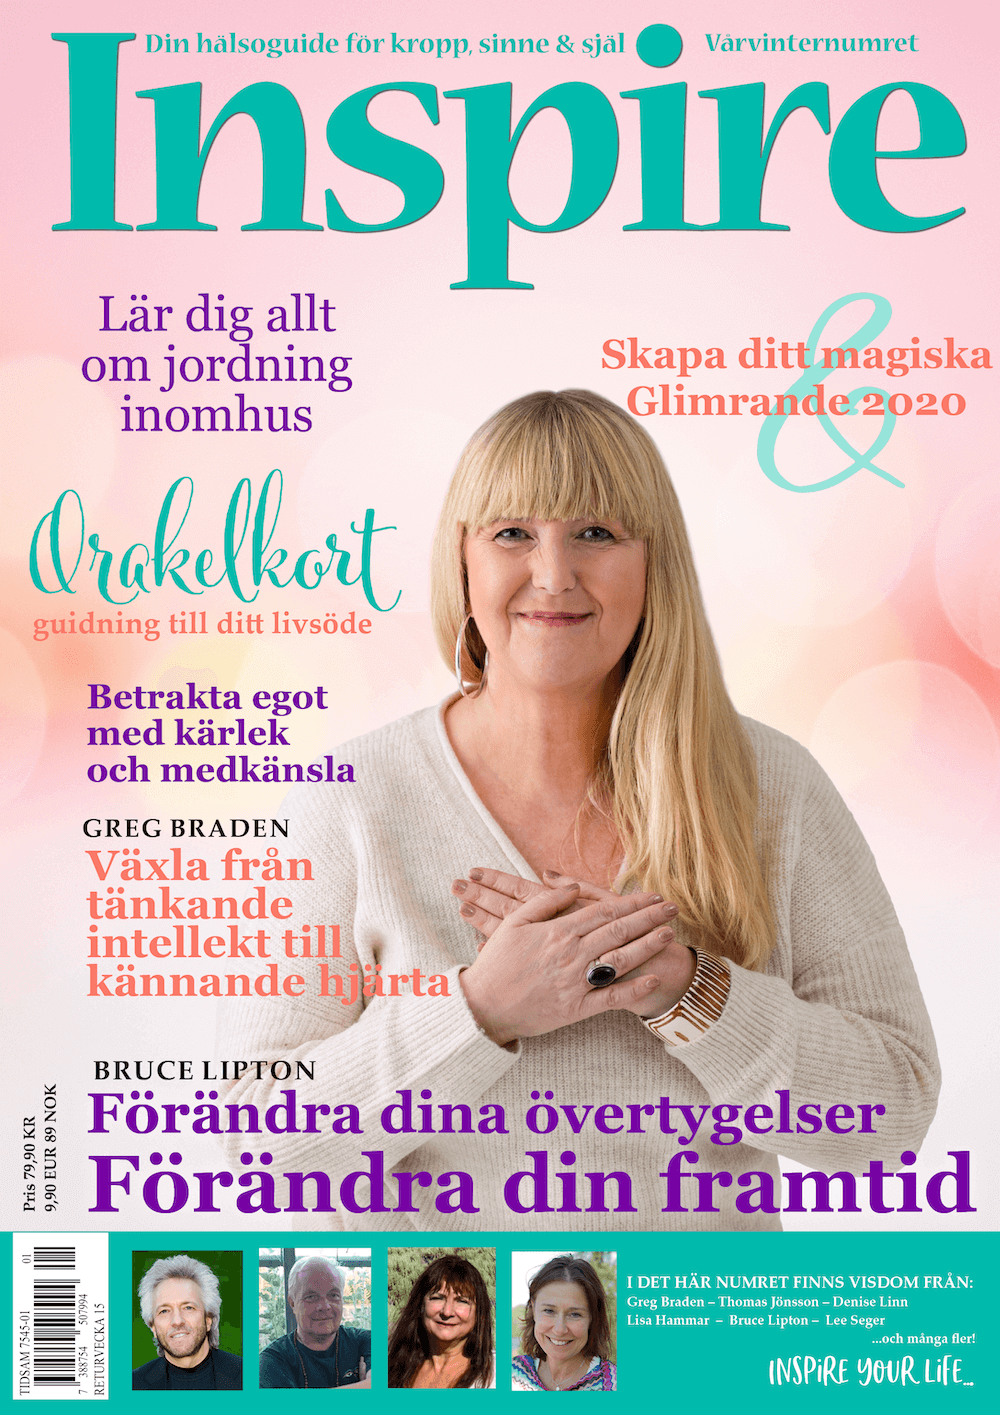 Zoës krönika, Inspire tidningen, mars 2020